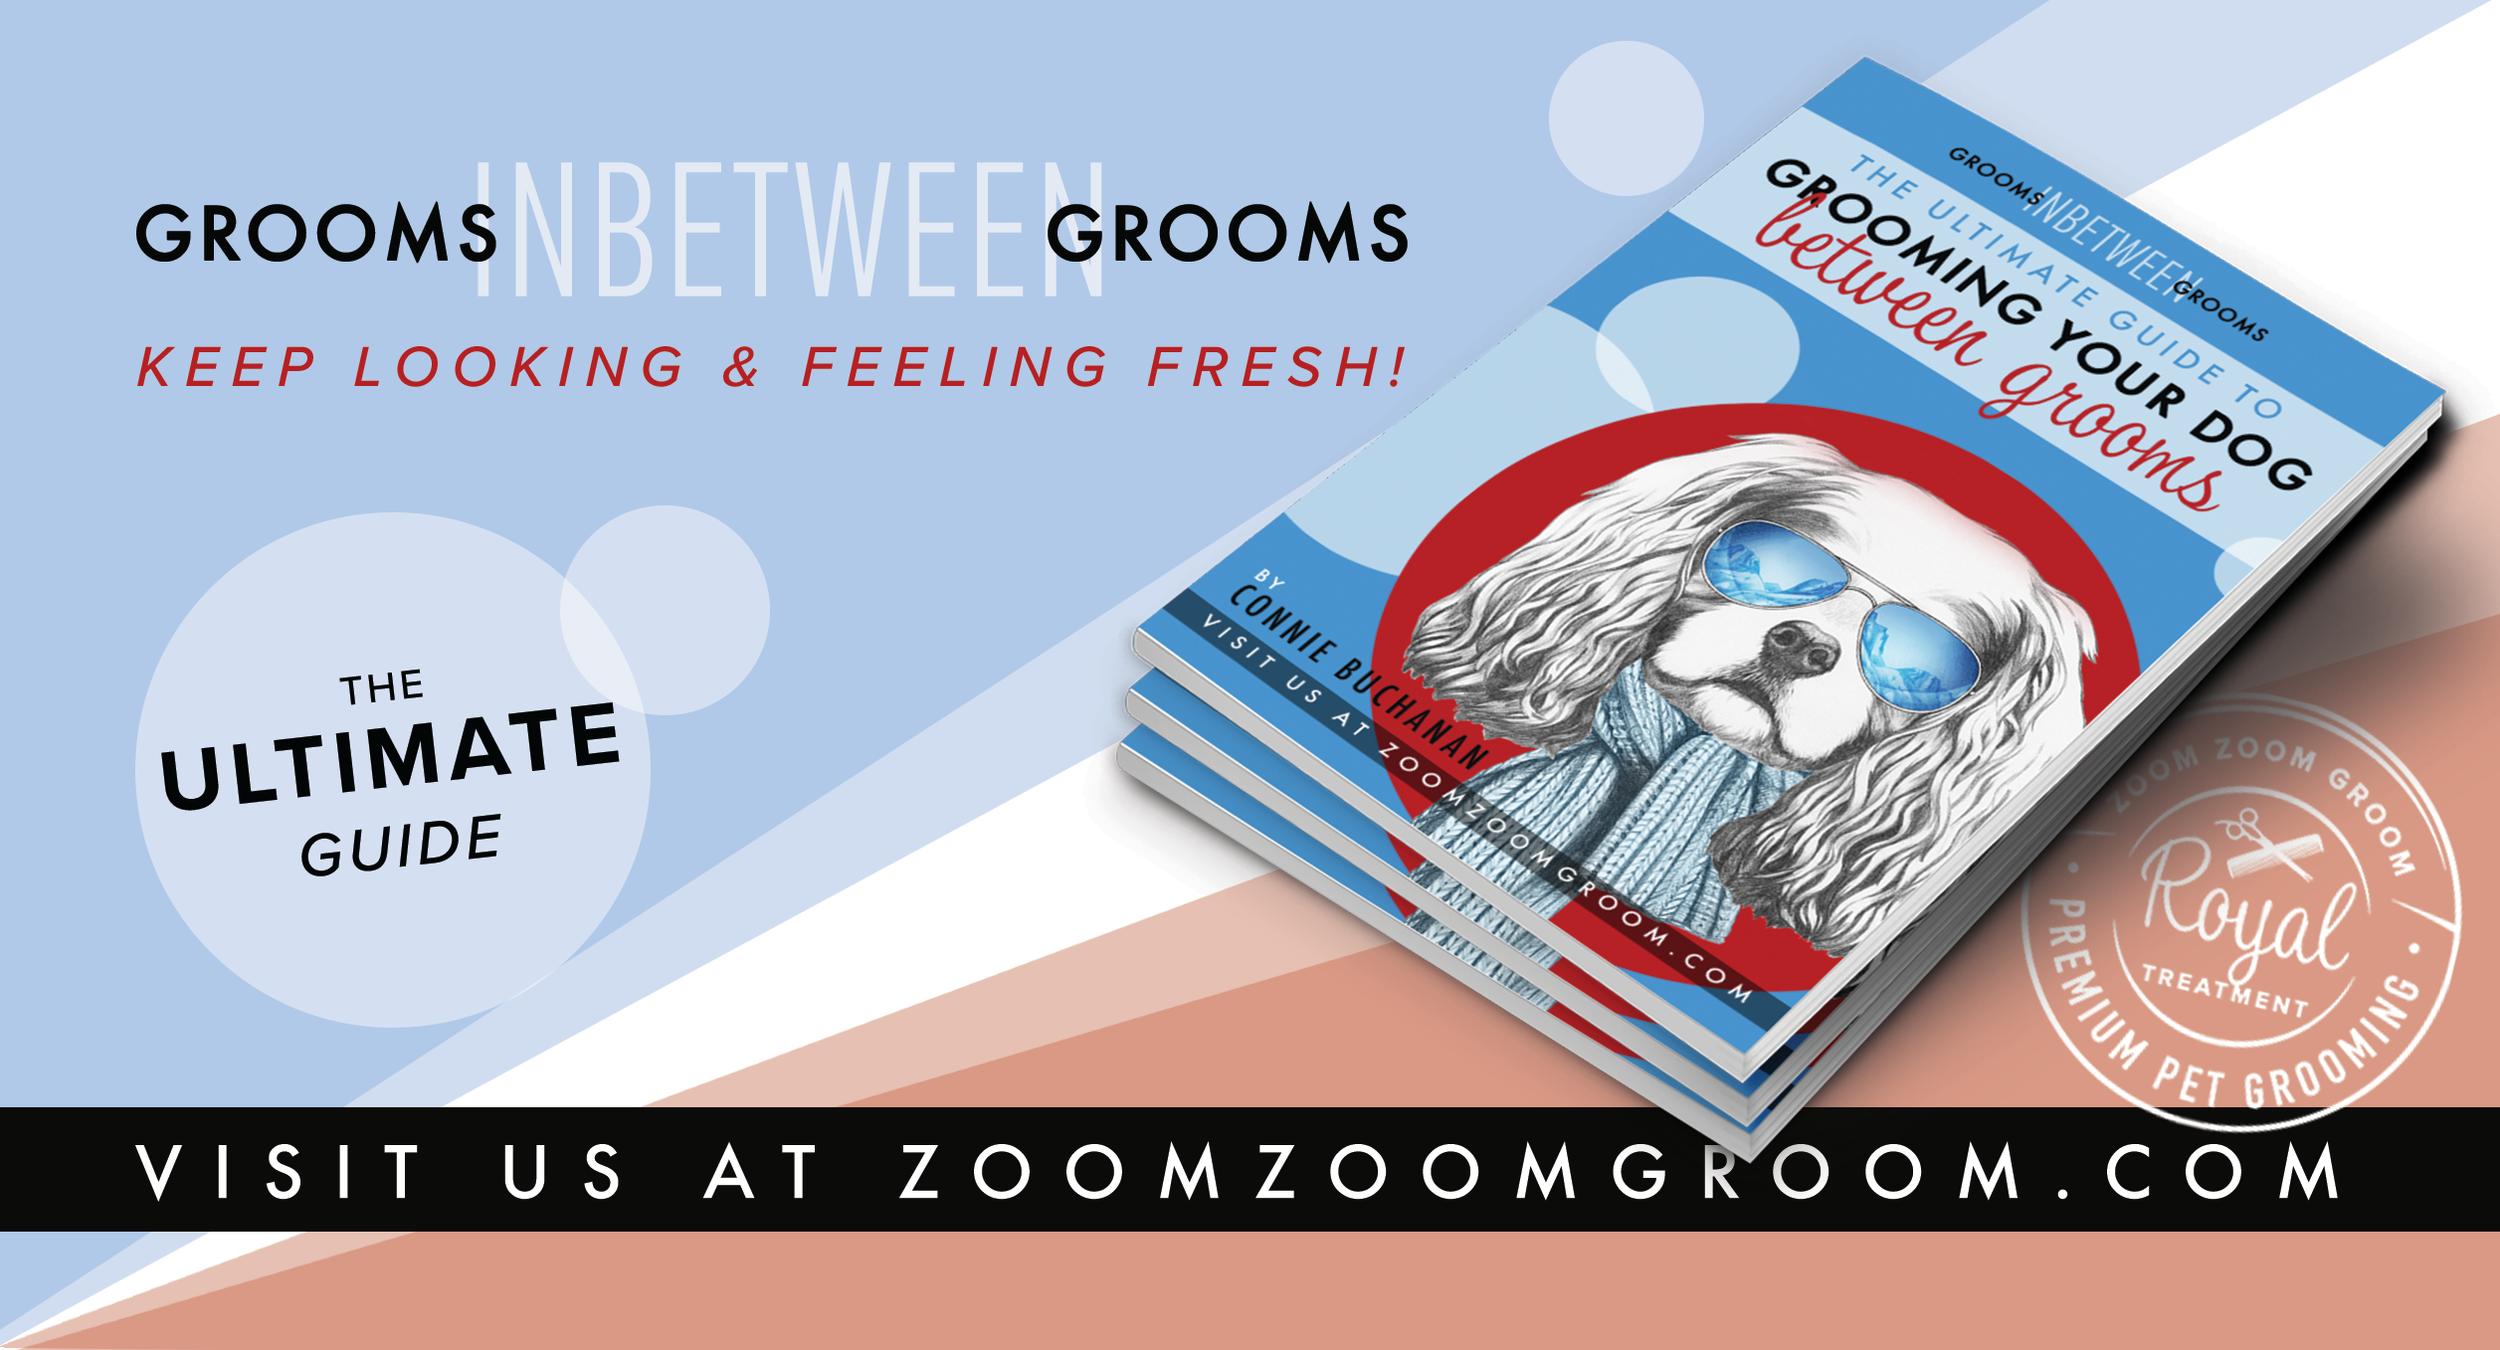 Grooming Your Pet Between FGooms